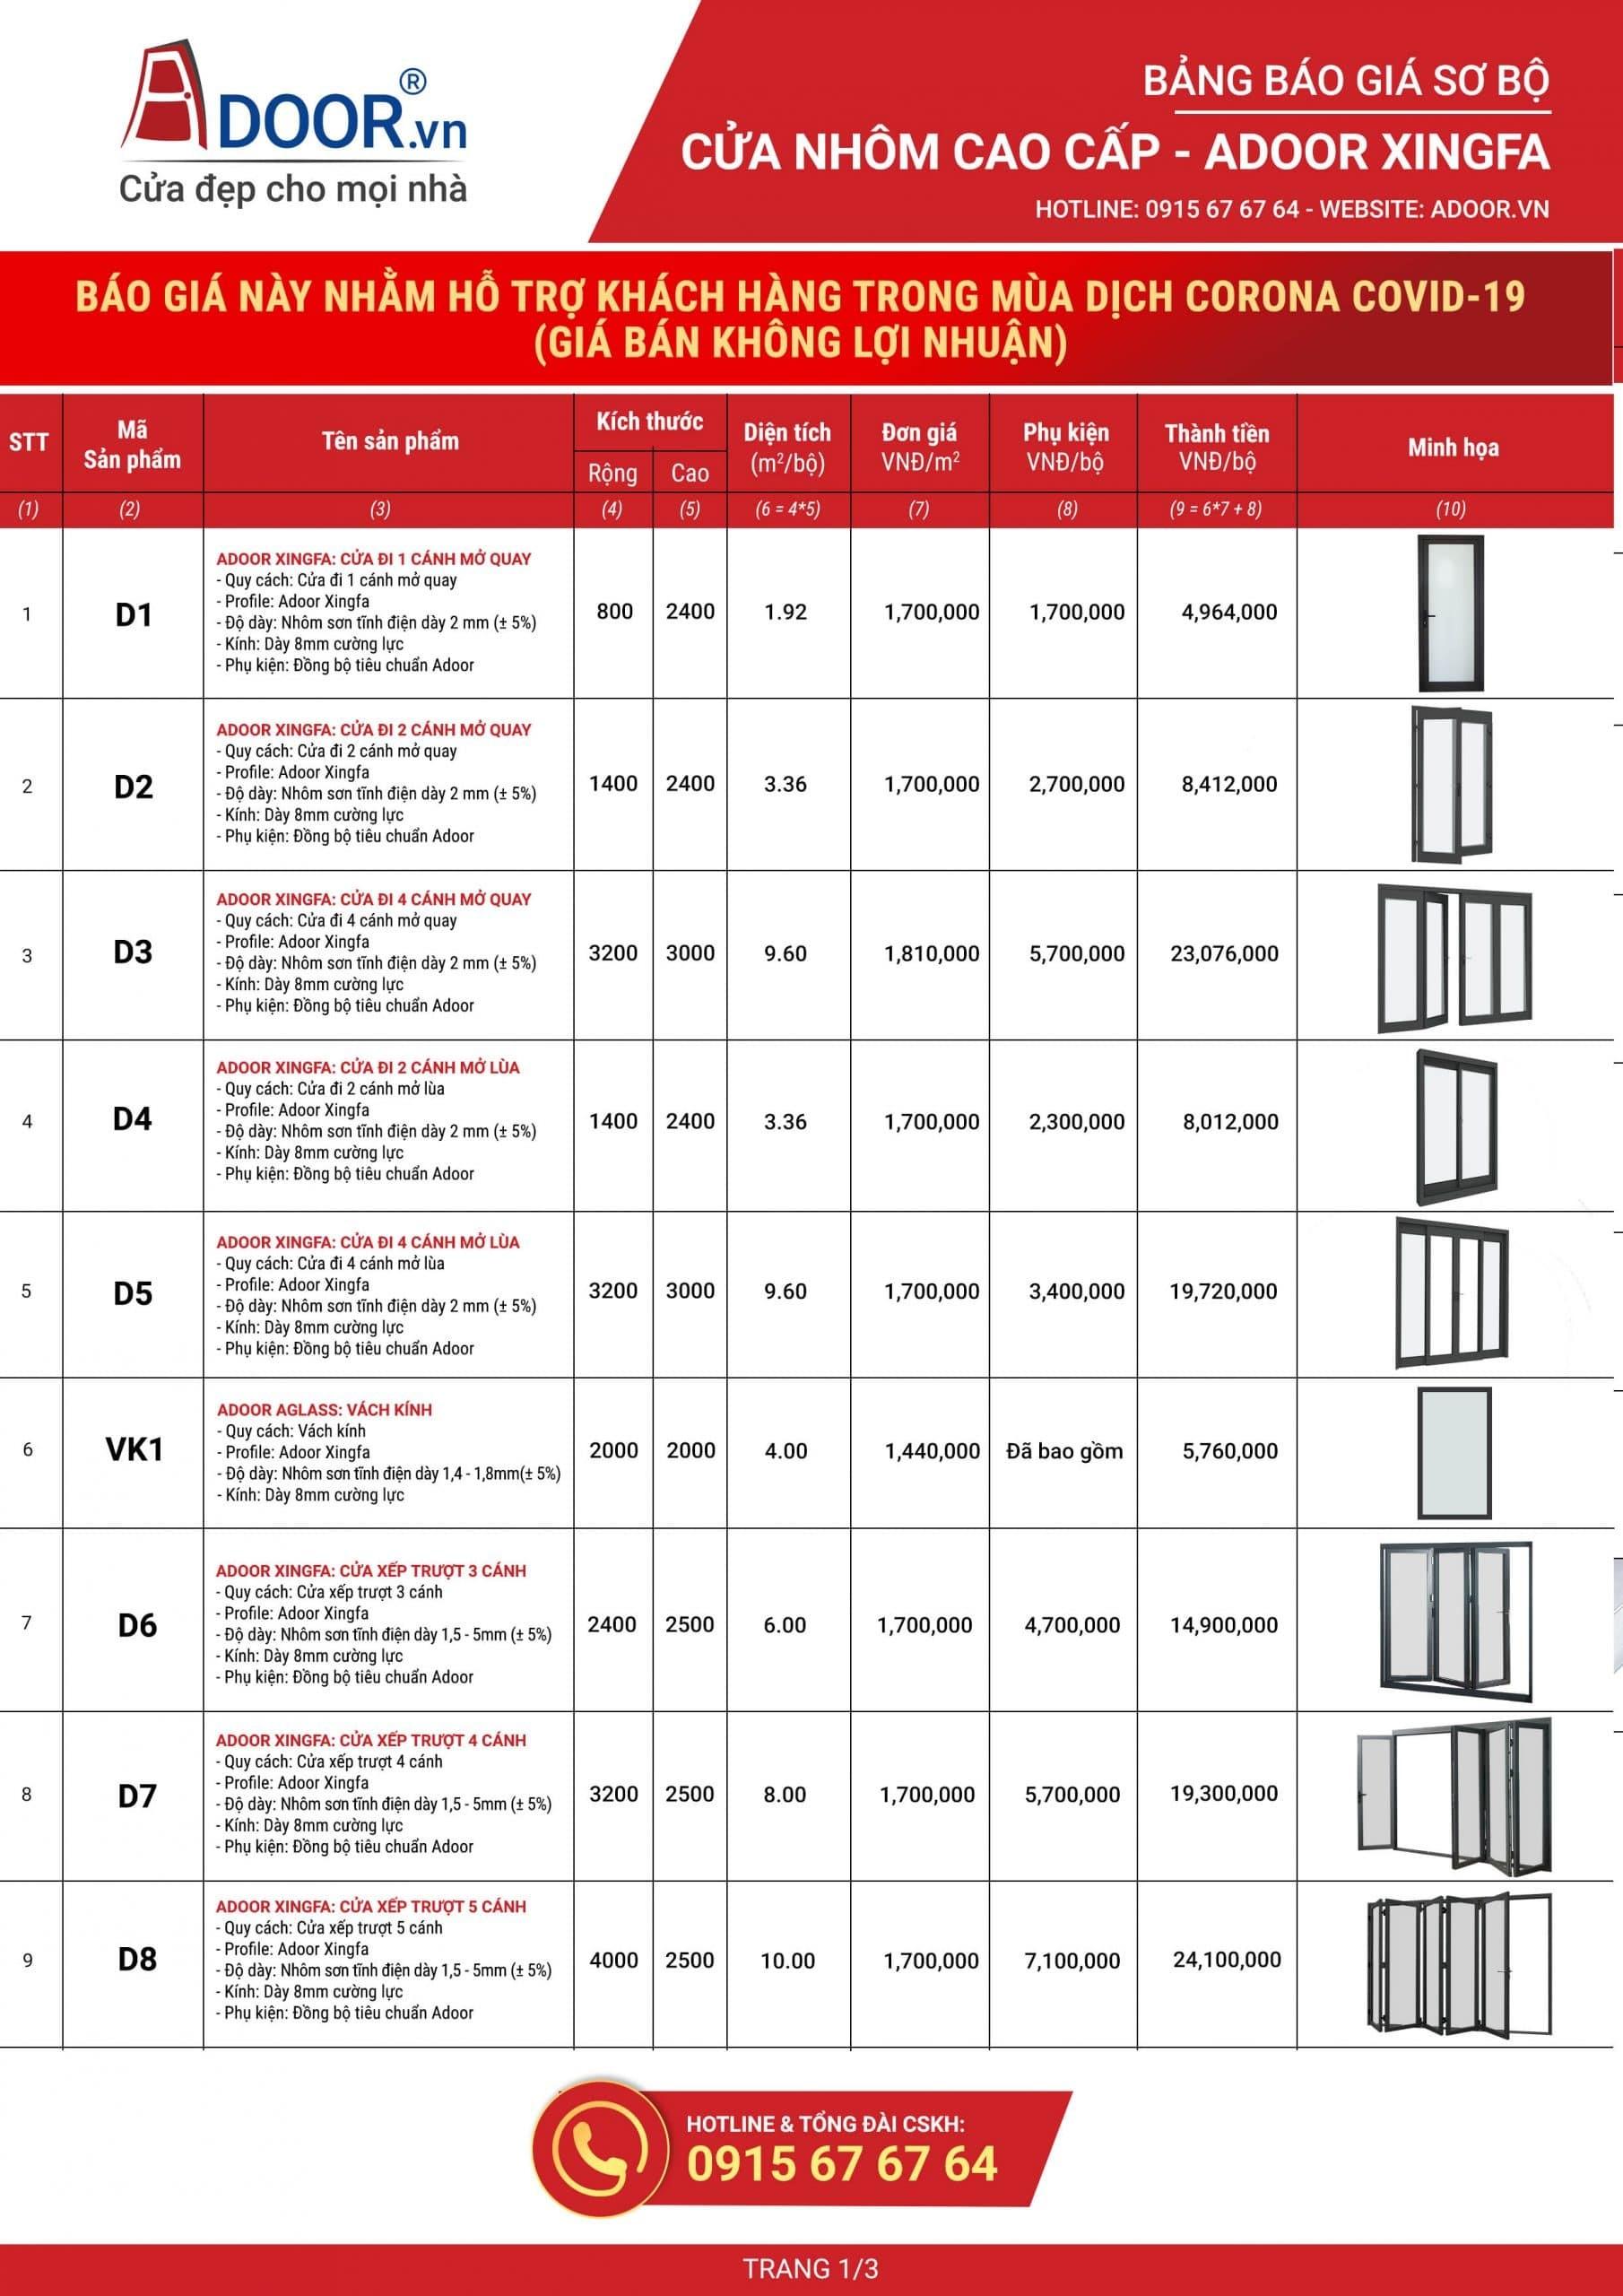 Bảng báo giá cửa nhôm Xingfa Nha Trang